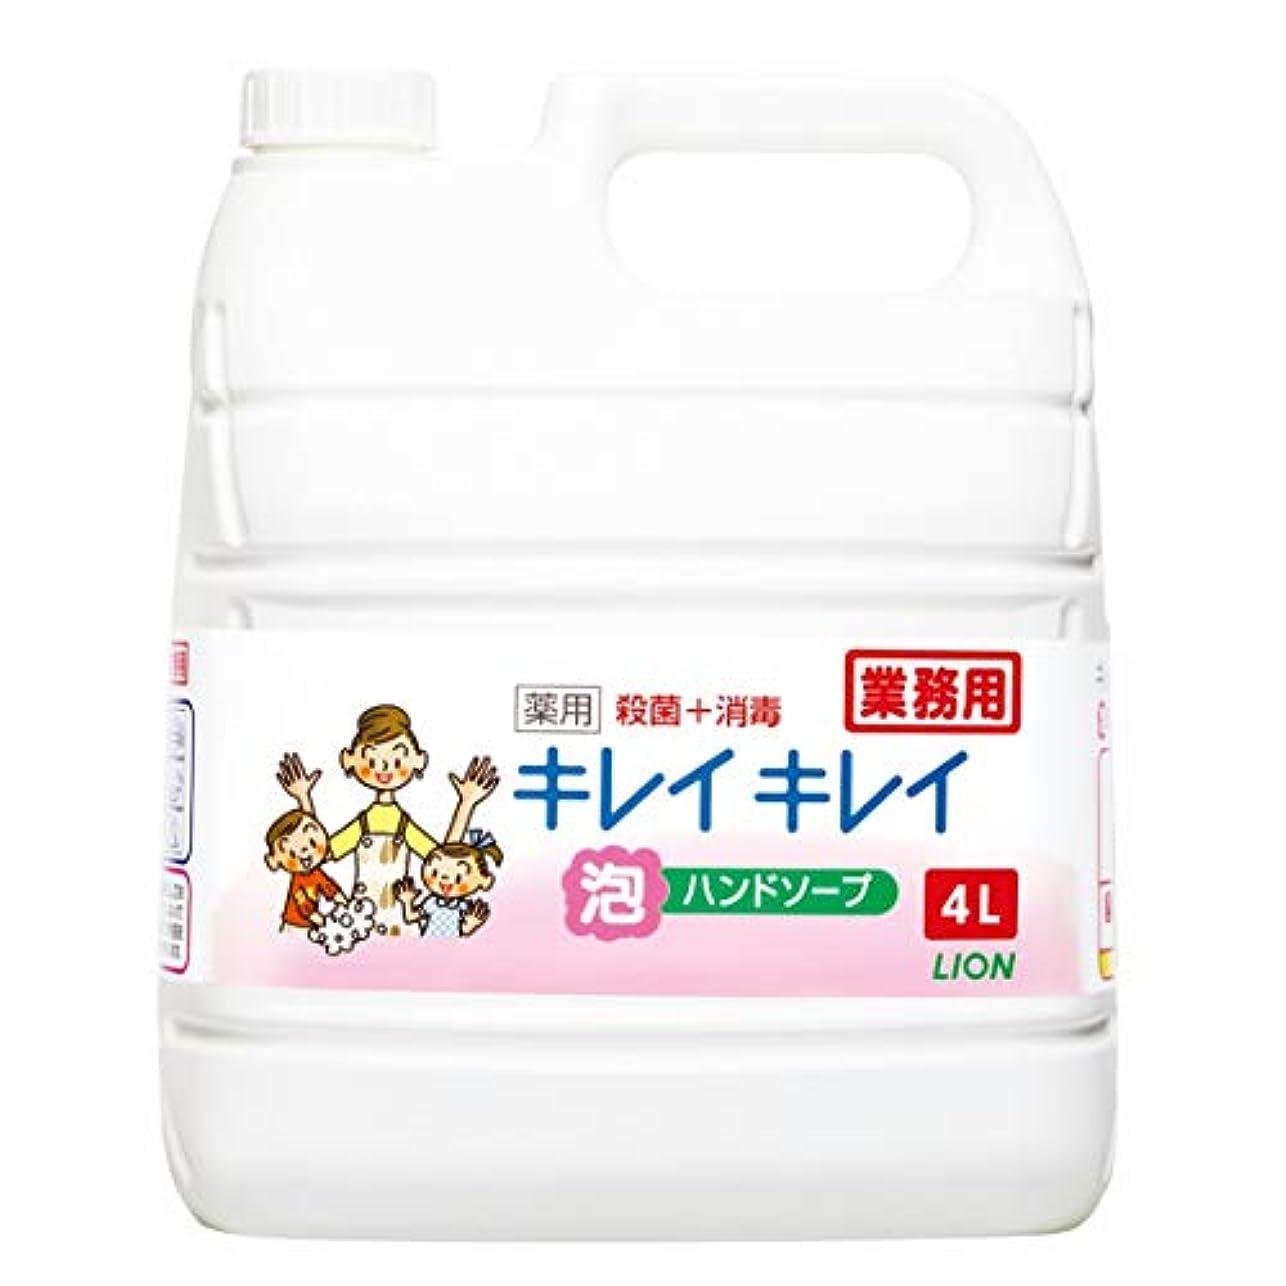 圧縮ラップ彼は【業務用 大容量】キレイキレイ 薬用 泡ハンドソープ シトラスフルーティの香り 液体 単品 4L(医薬部外品)